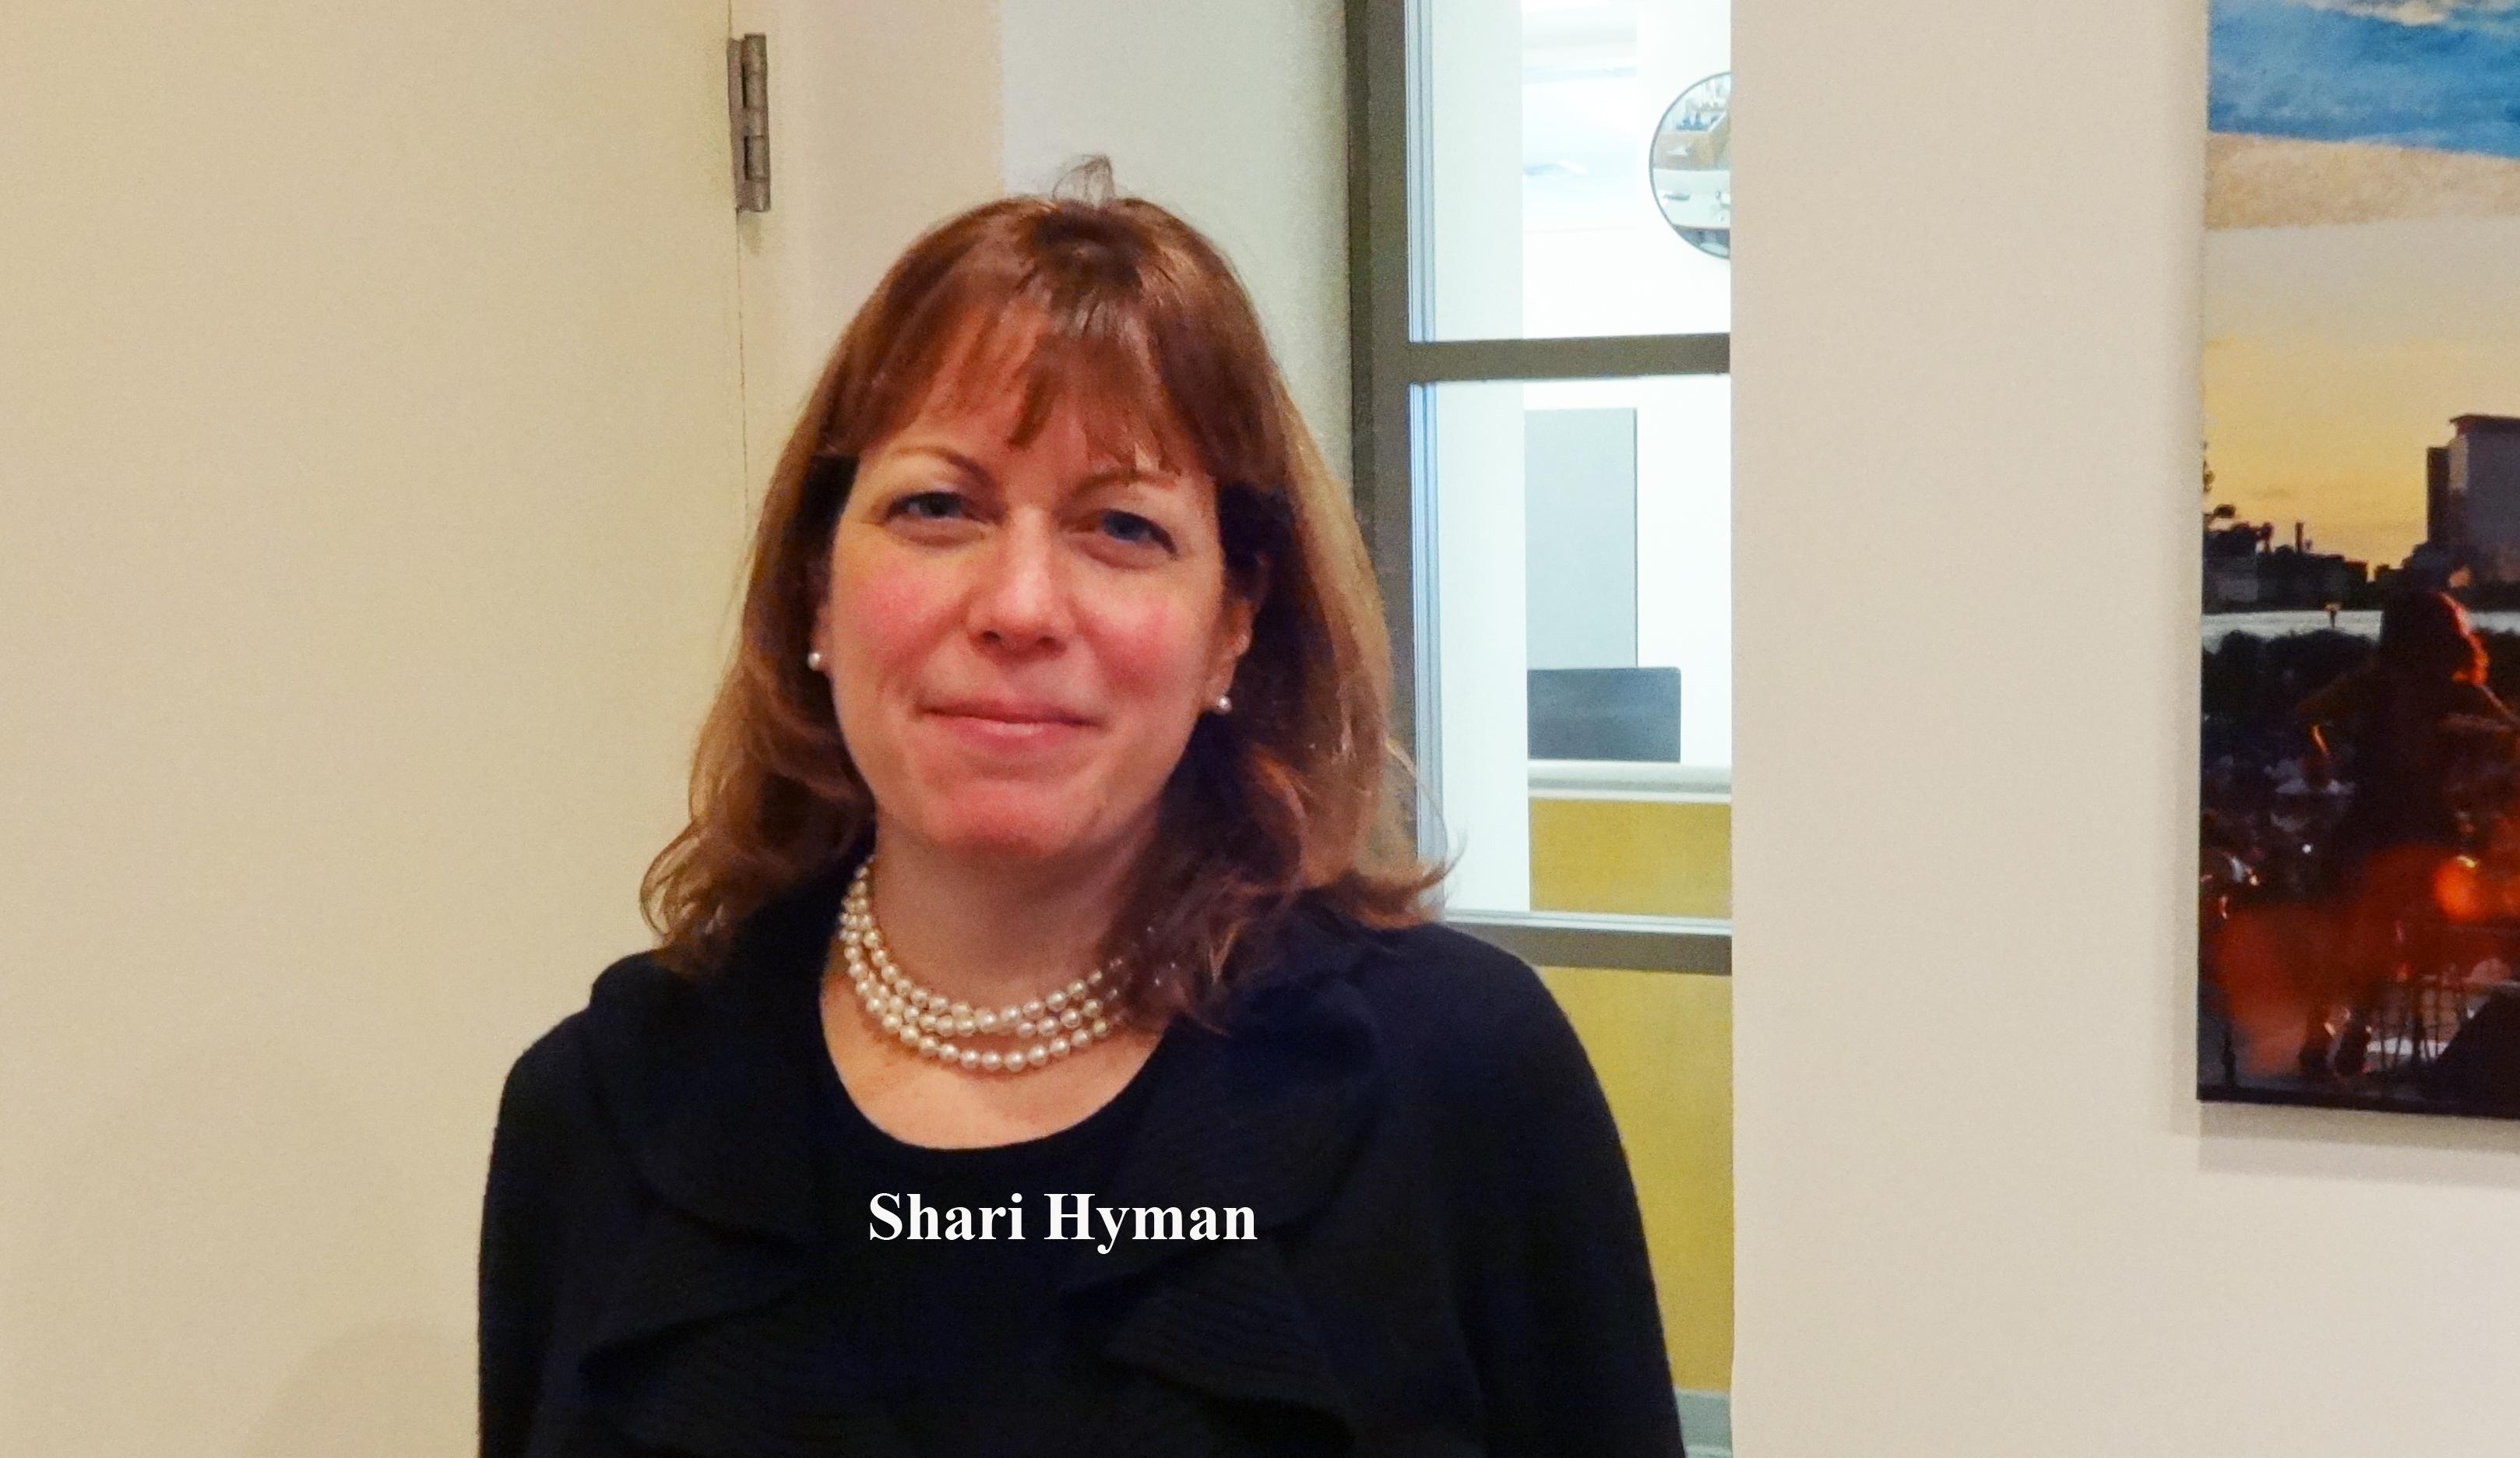 Shari Hyman